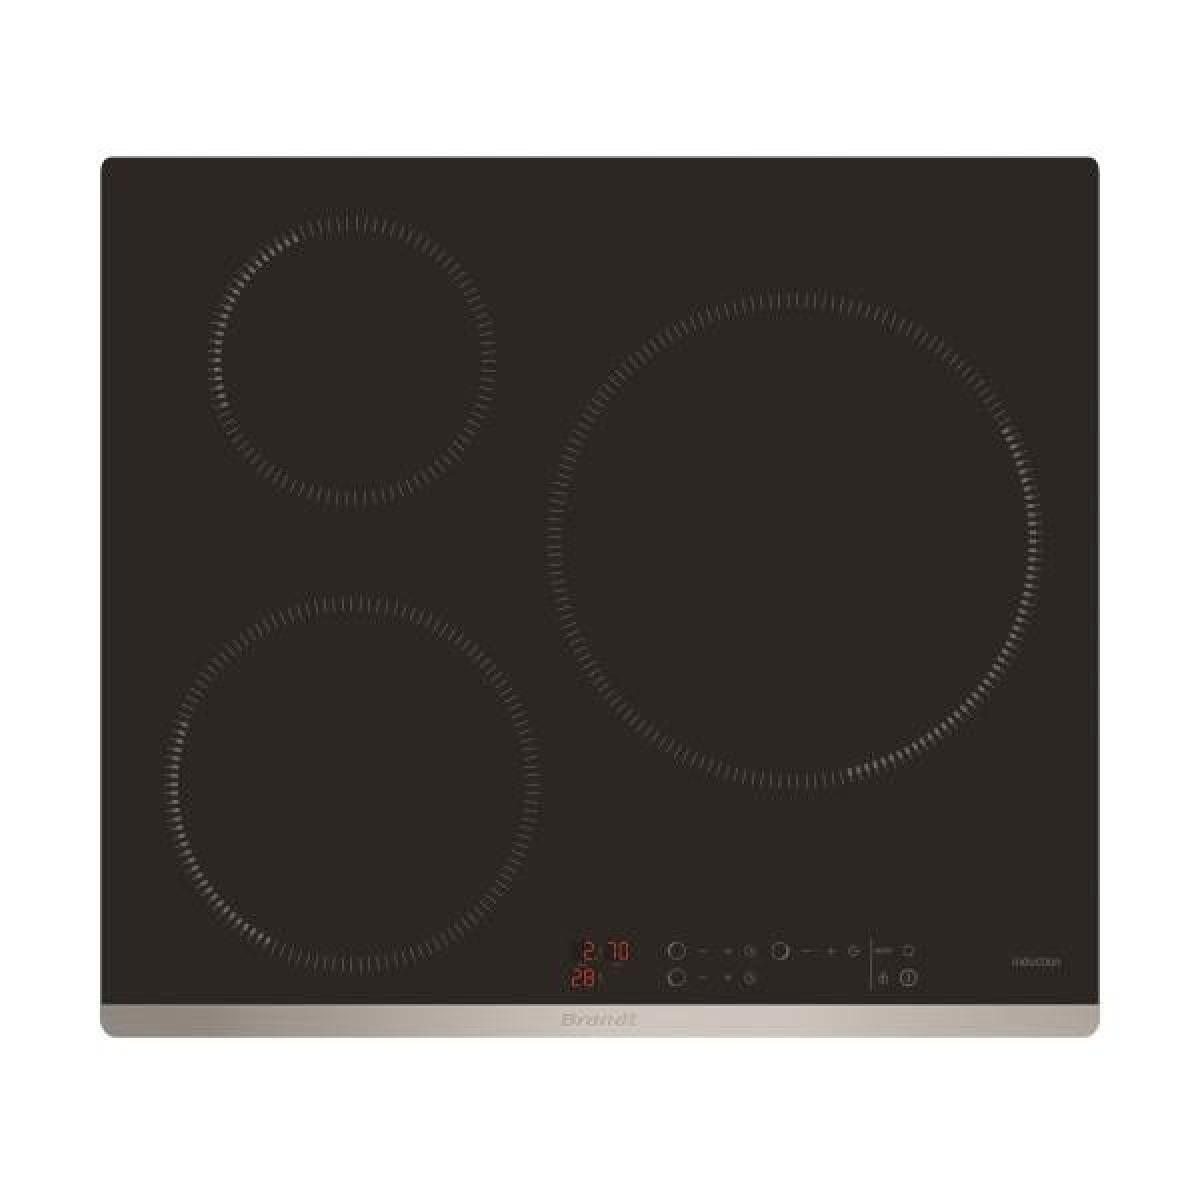 Brandt Plaque induction BRANDT 7200W 56cm, BPI6320X